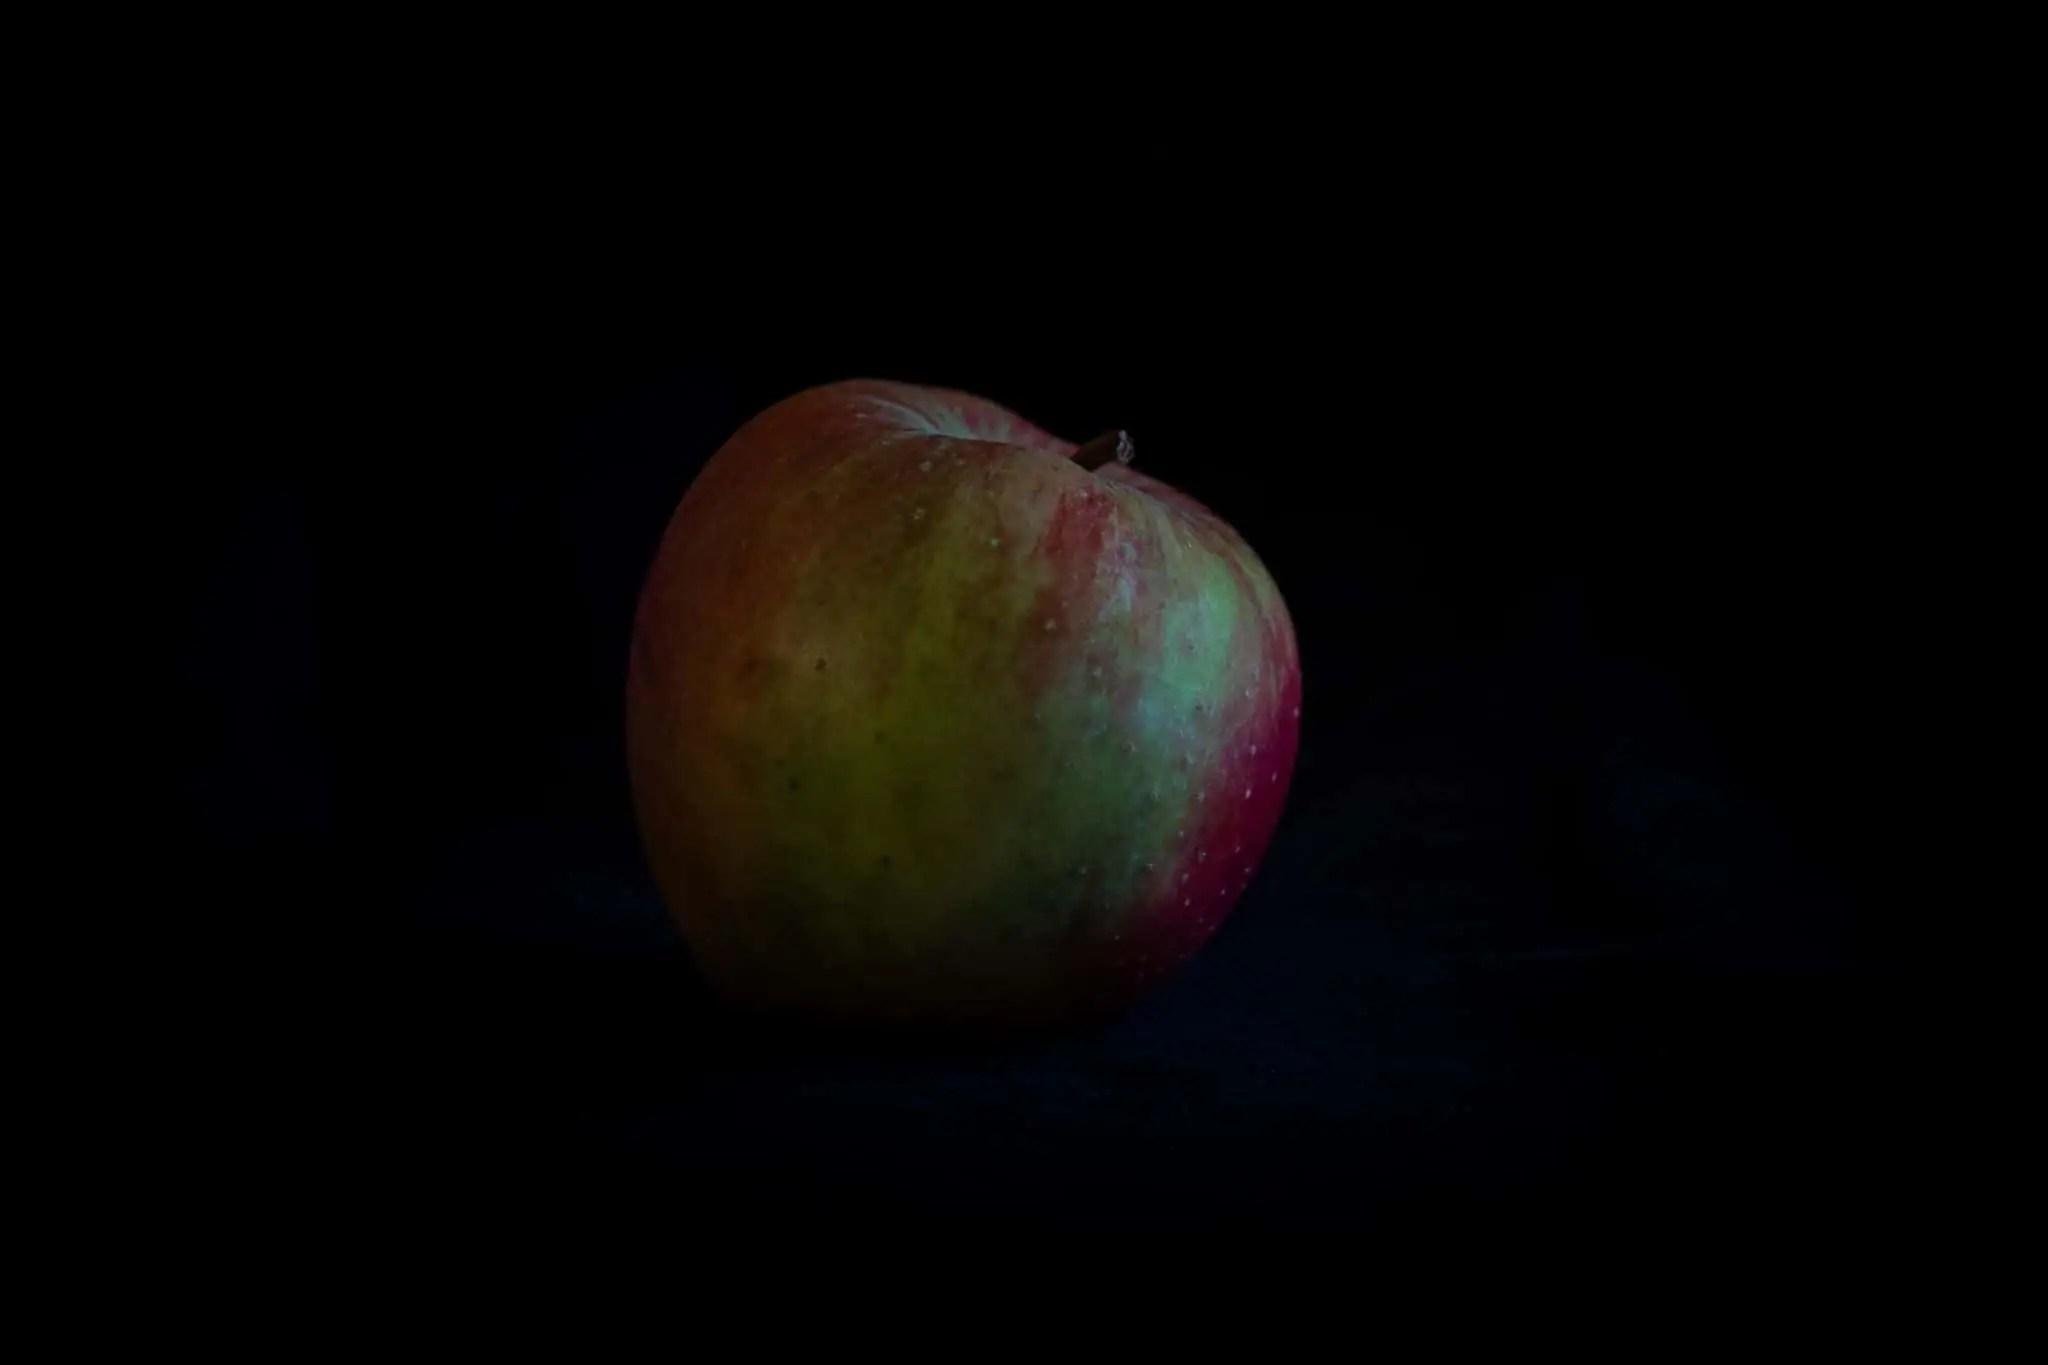 Zdjęcia jabłek w stylu rembrandta 5 scaled - Zasady kompozycji - przewodnik po 20 regułach